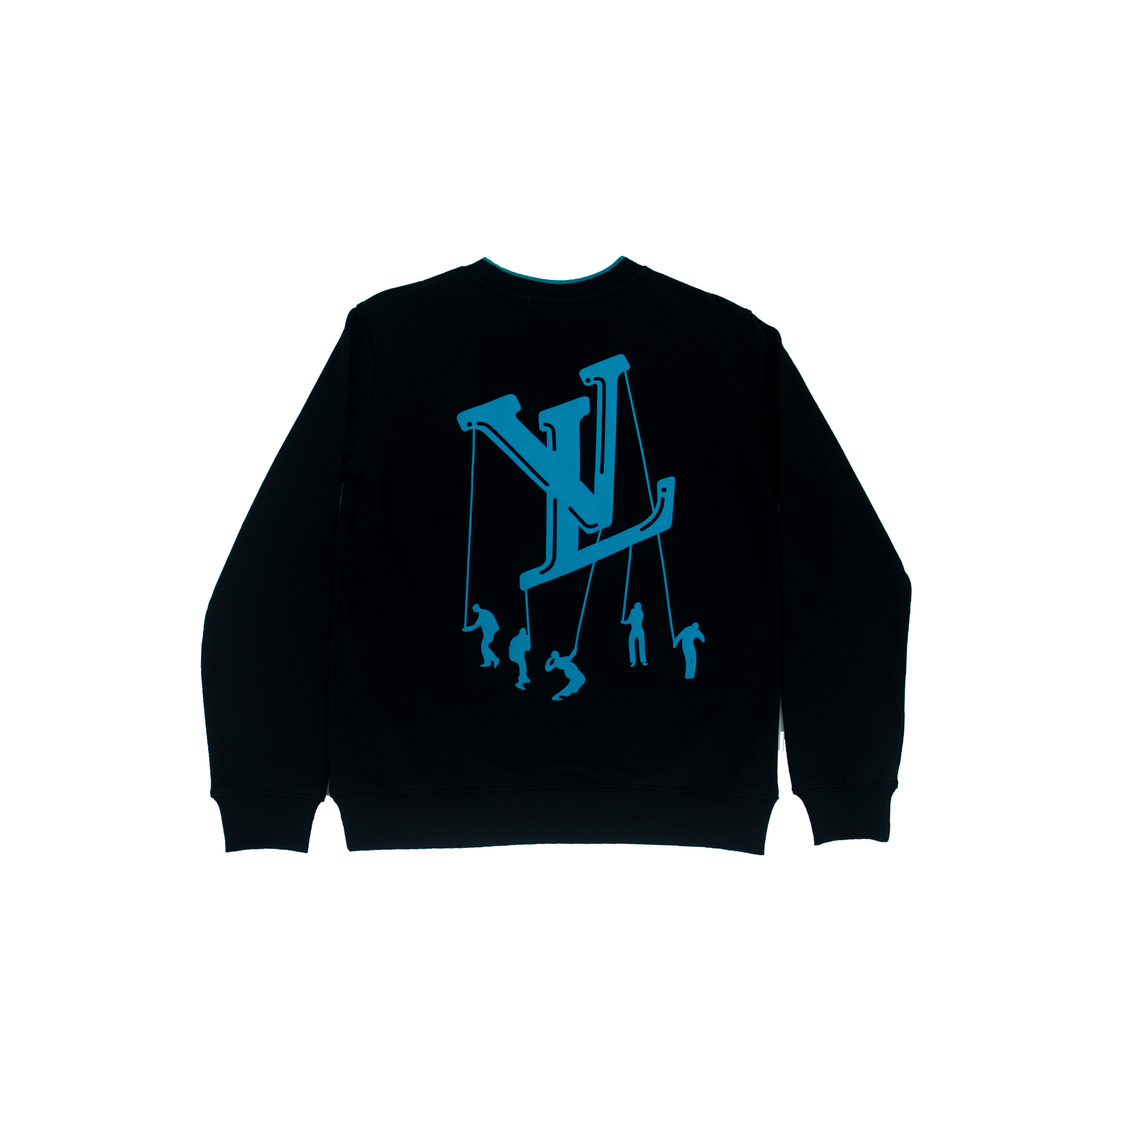 Áo nỉ Louis Vuitton chữ viền cổ xanh - đen